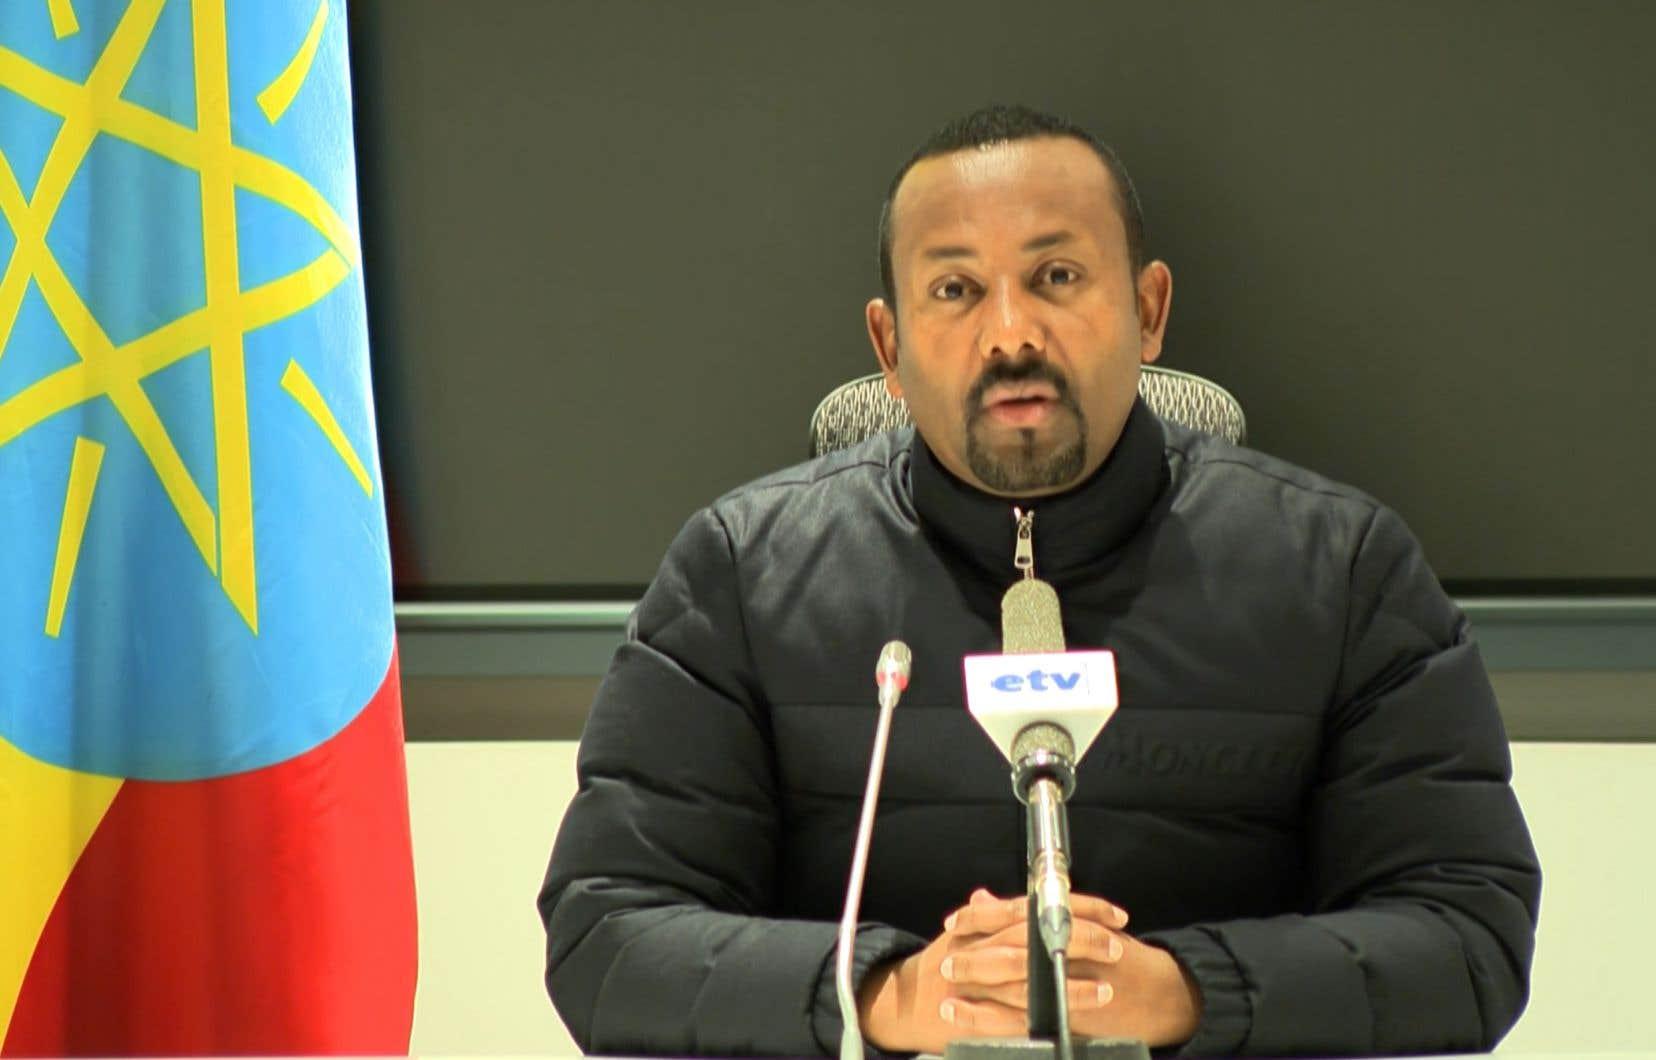 Mercredi en pleine nuit, Abiy Ahmed a accusé le Front de libération du peuple du Tigré (TPLF), le parti au pouvoir dans cette région, d'avoir «attaqué un camp militaire [fédéral] dans le Tigré».